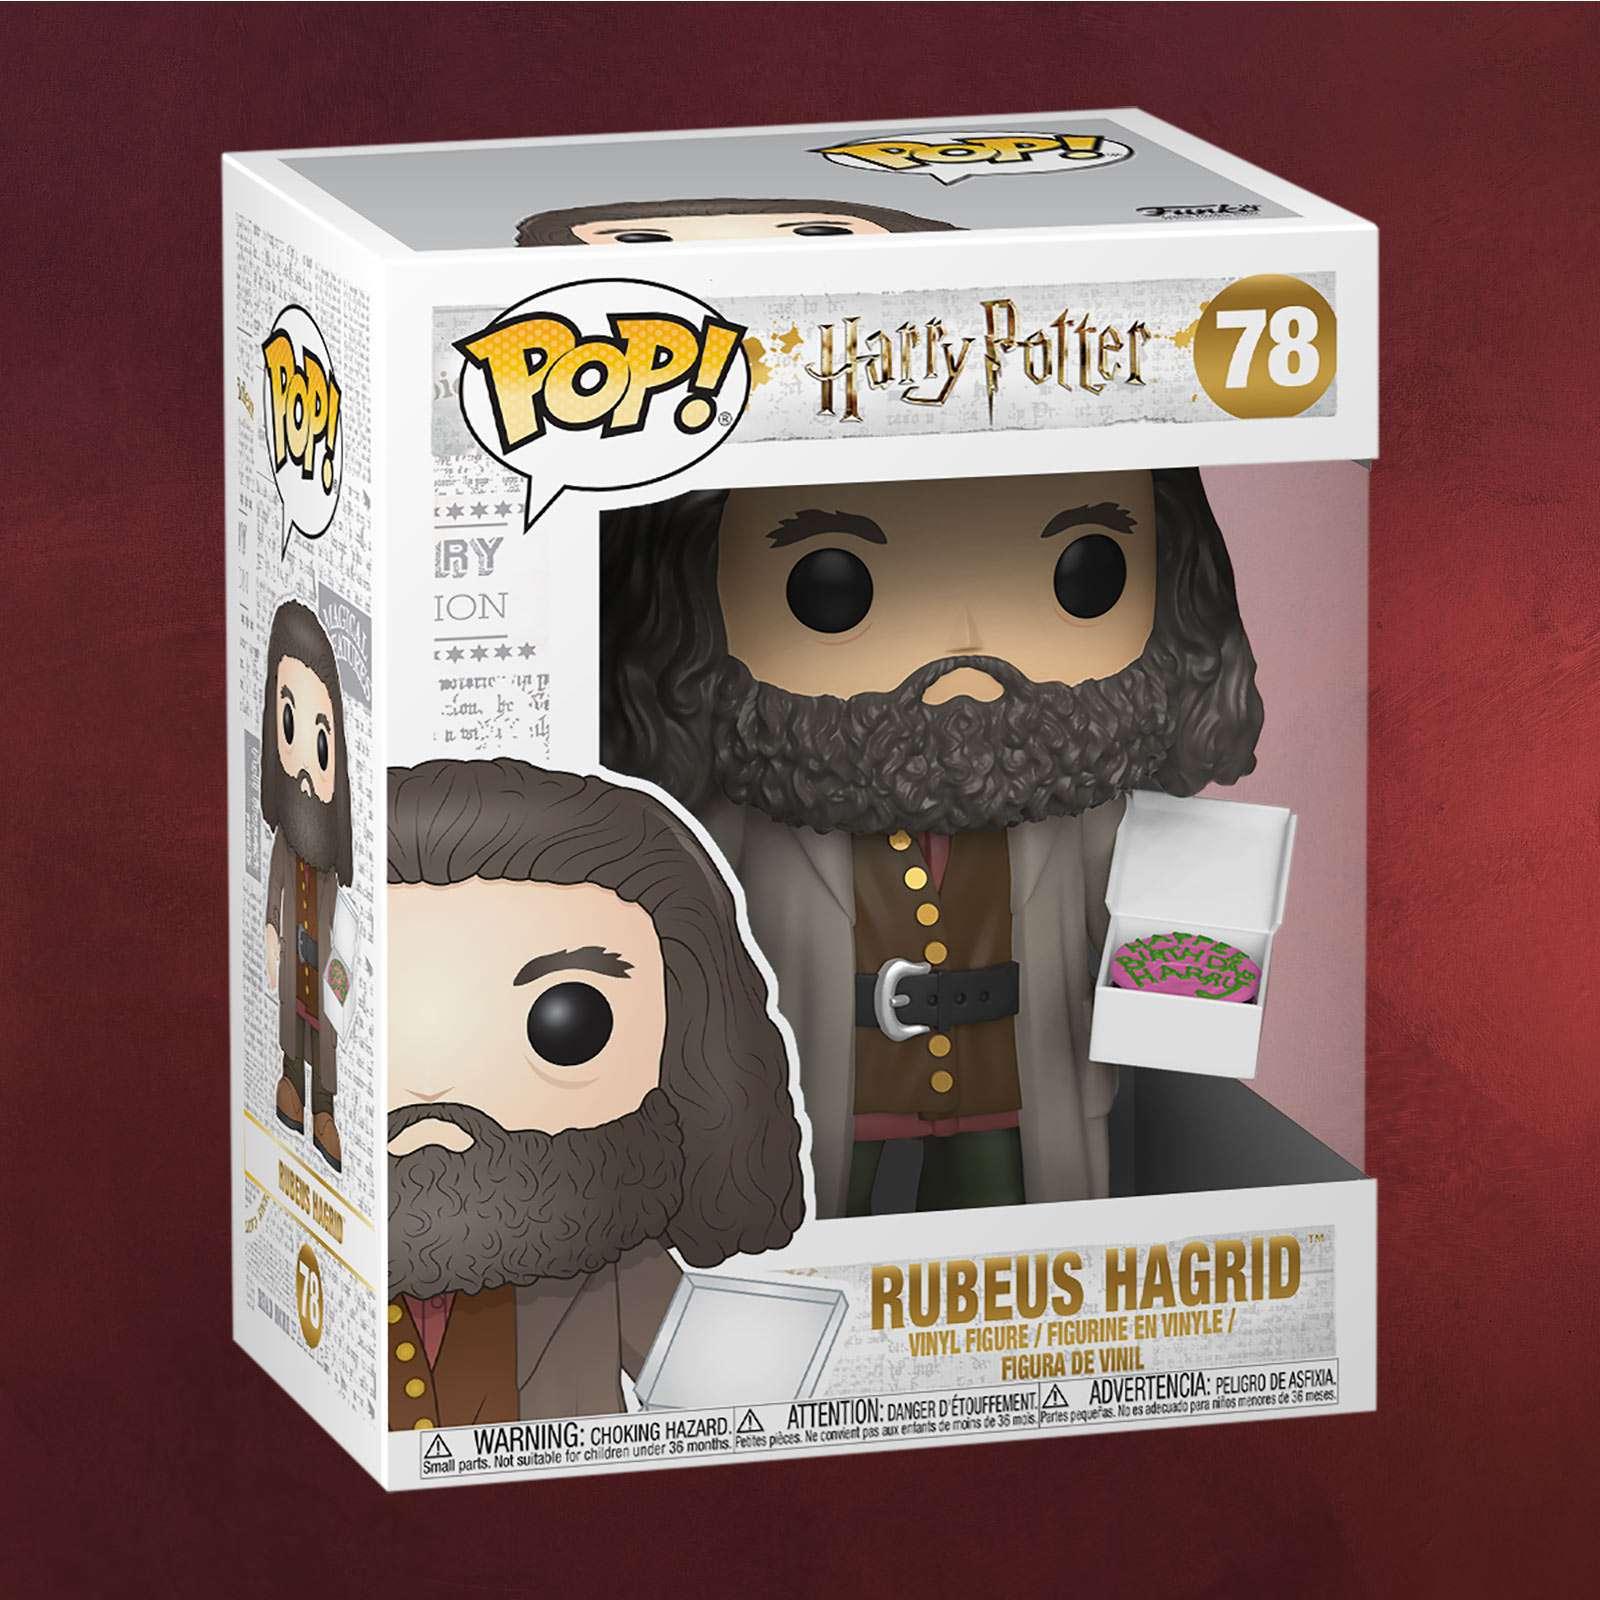 Harry Potter Hagrid Mit Kuchen Funko Pop Figur 14 Cm Elbenwald